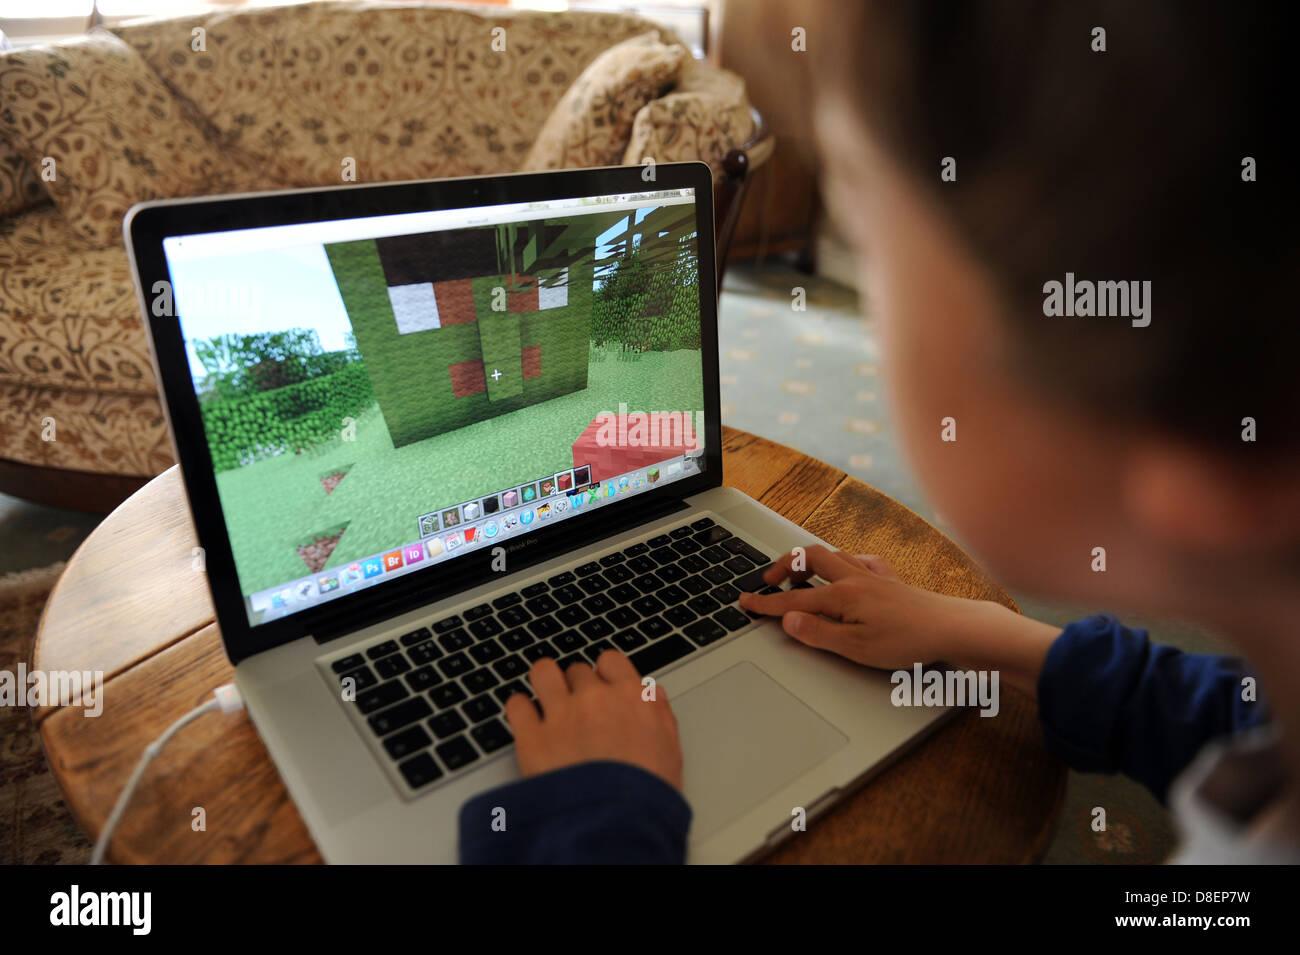 Buchen Sie Jahre Alter Junge Auf Minecraft Spielen Auf Einem Apple - Minecraft notebook spielen